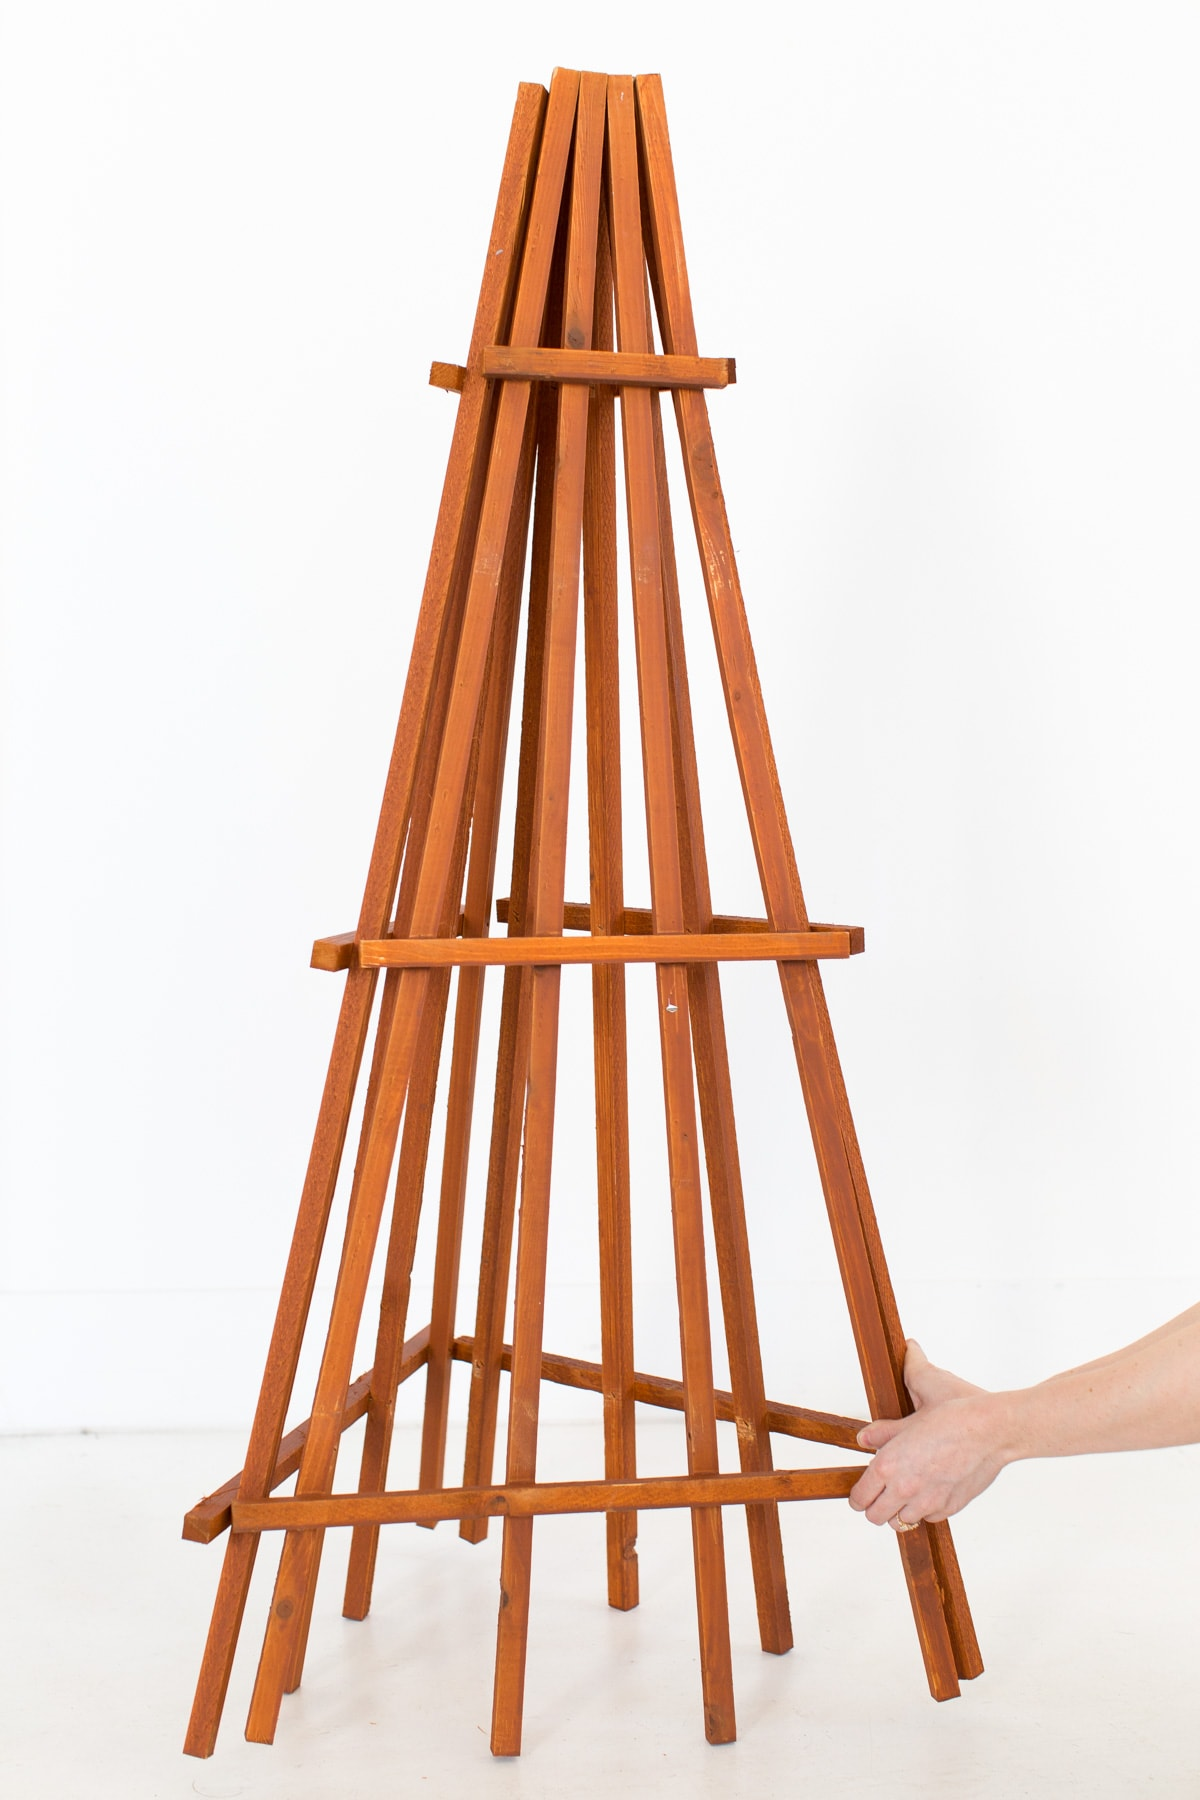 excelentes ideas de árboles de Navidad caseros, como hacer un arbol de navidad de madera, árboles creativos y ecologicos